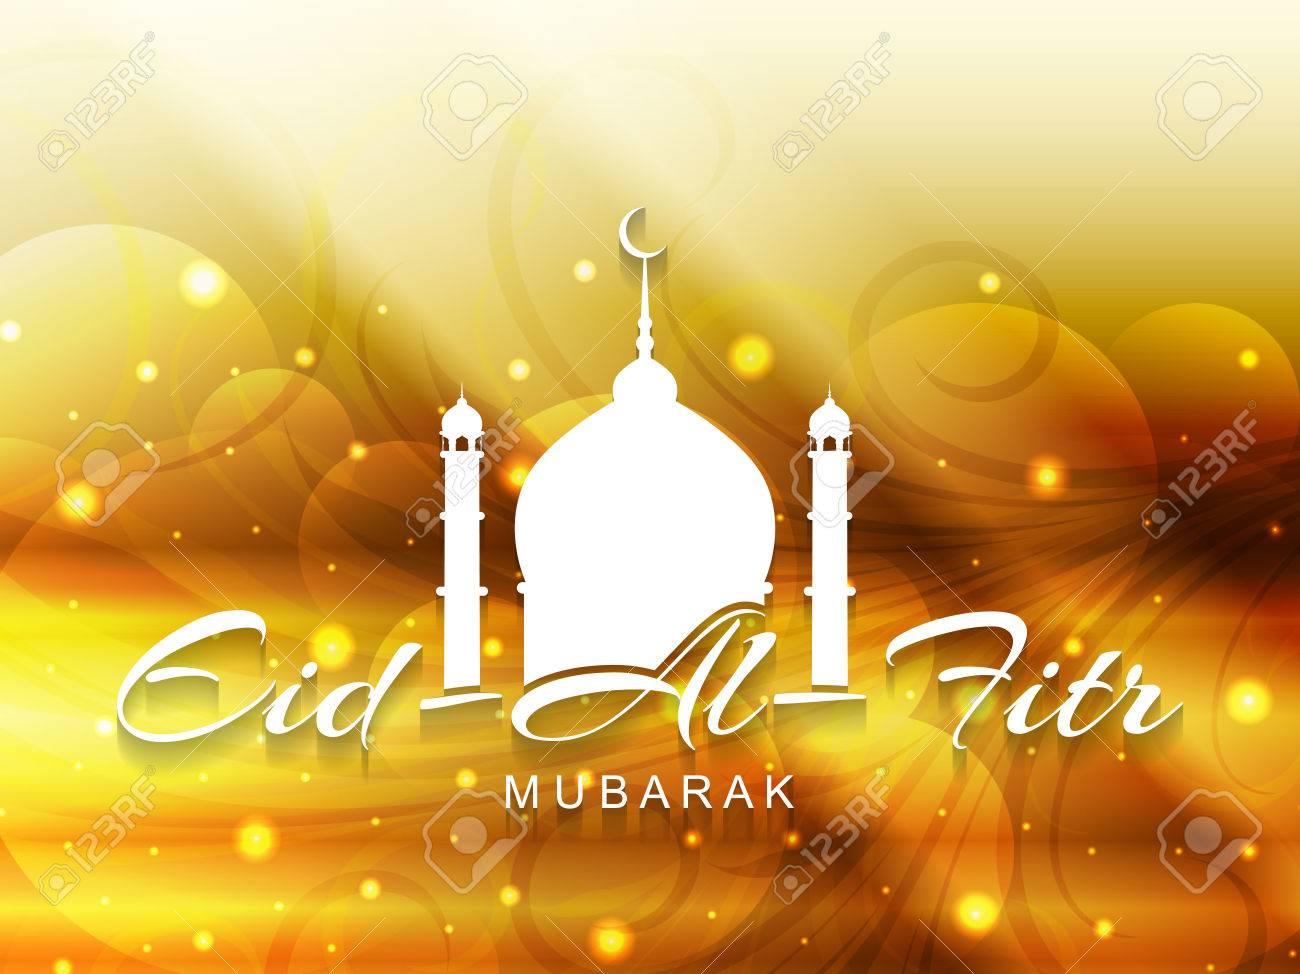 Поздравления с праздником эйд аль фитр